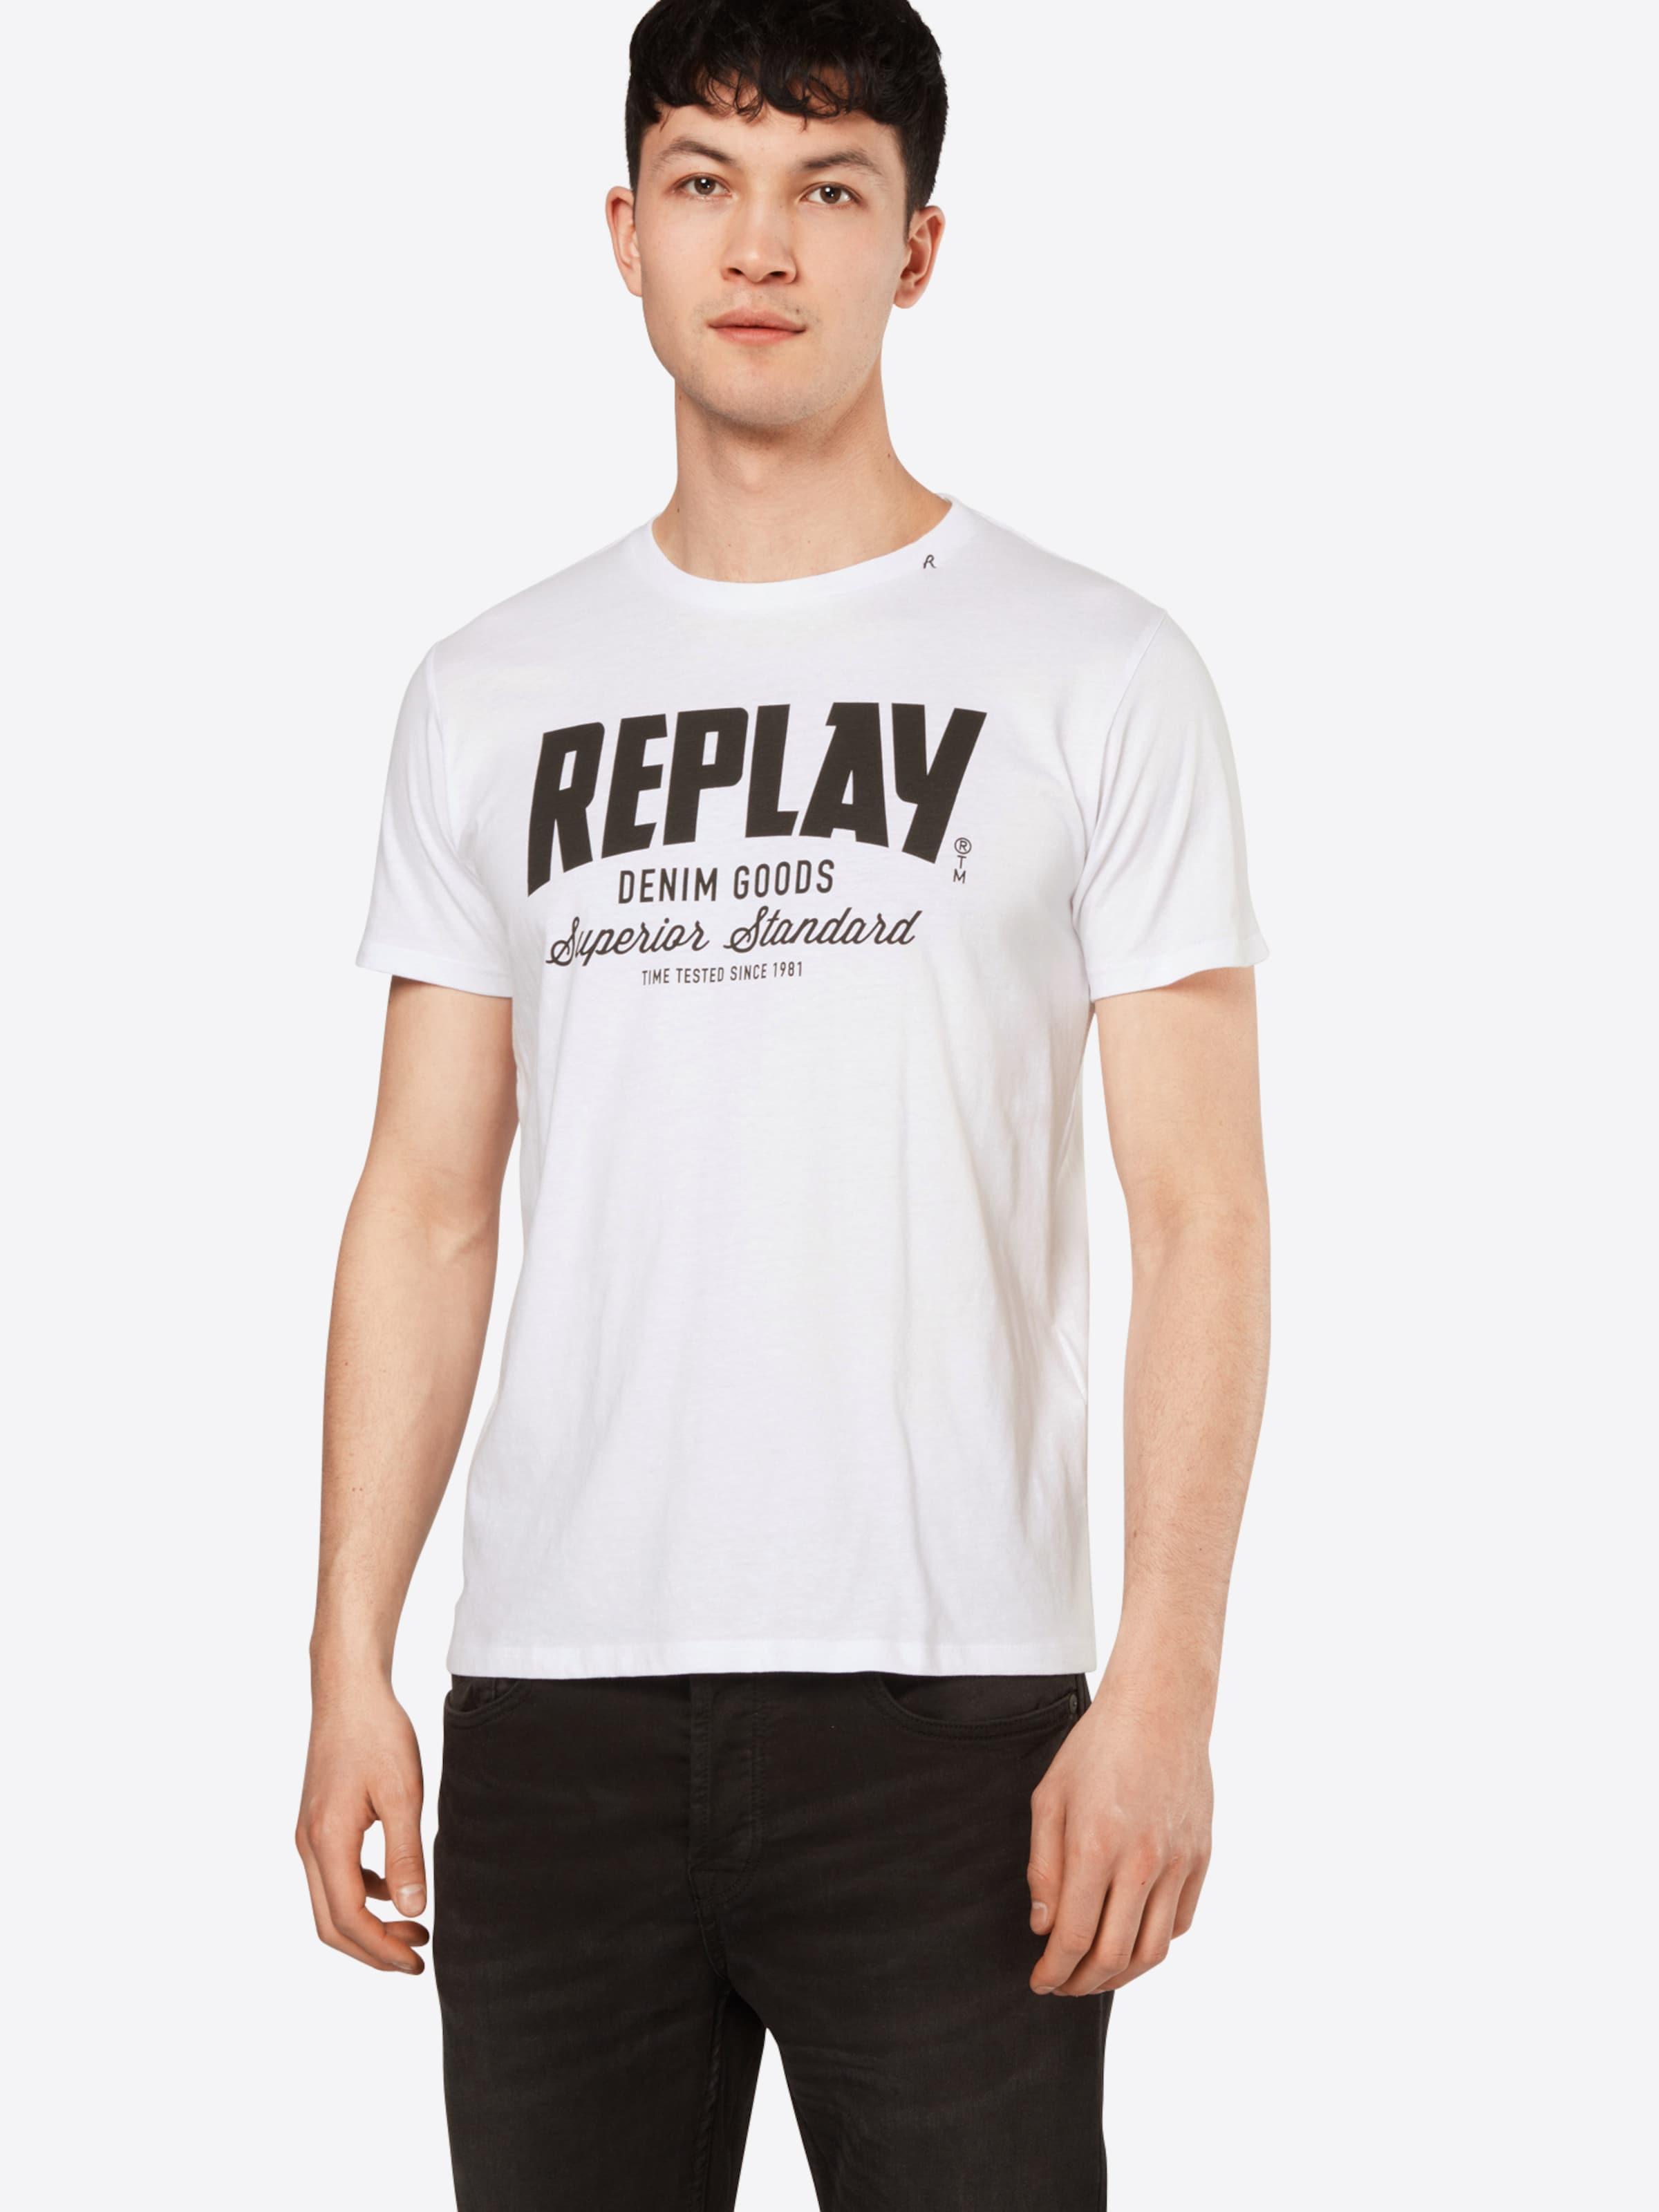 REPLAY T-Shirt Freies Verschiffen Offiziell xeGoz